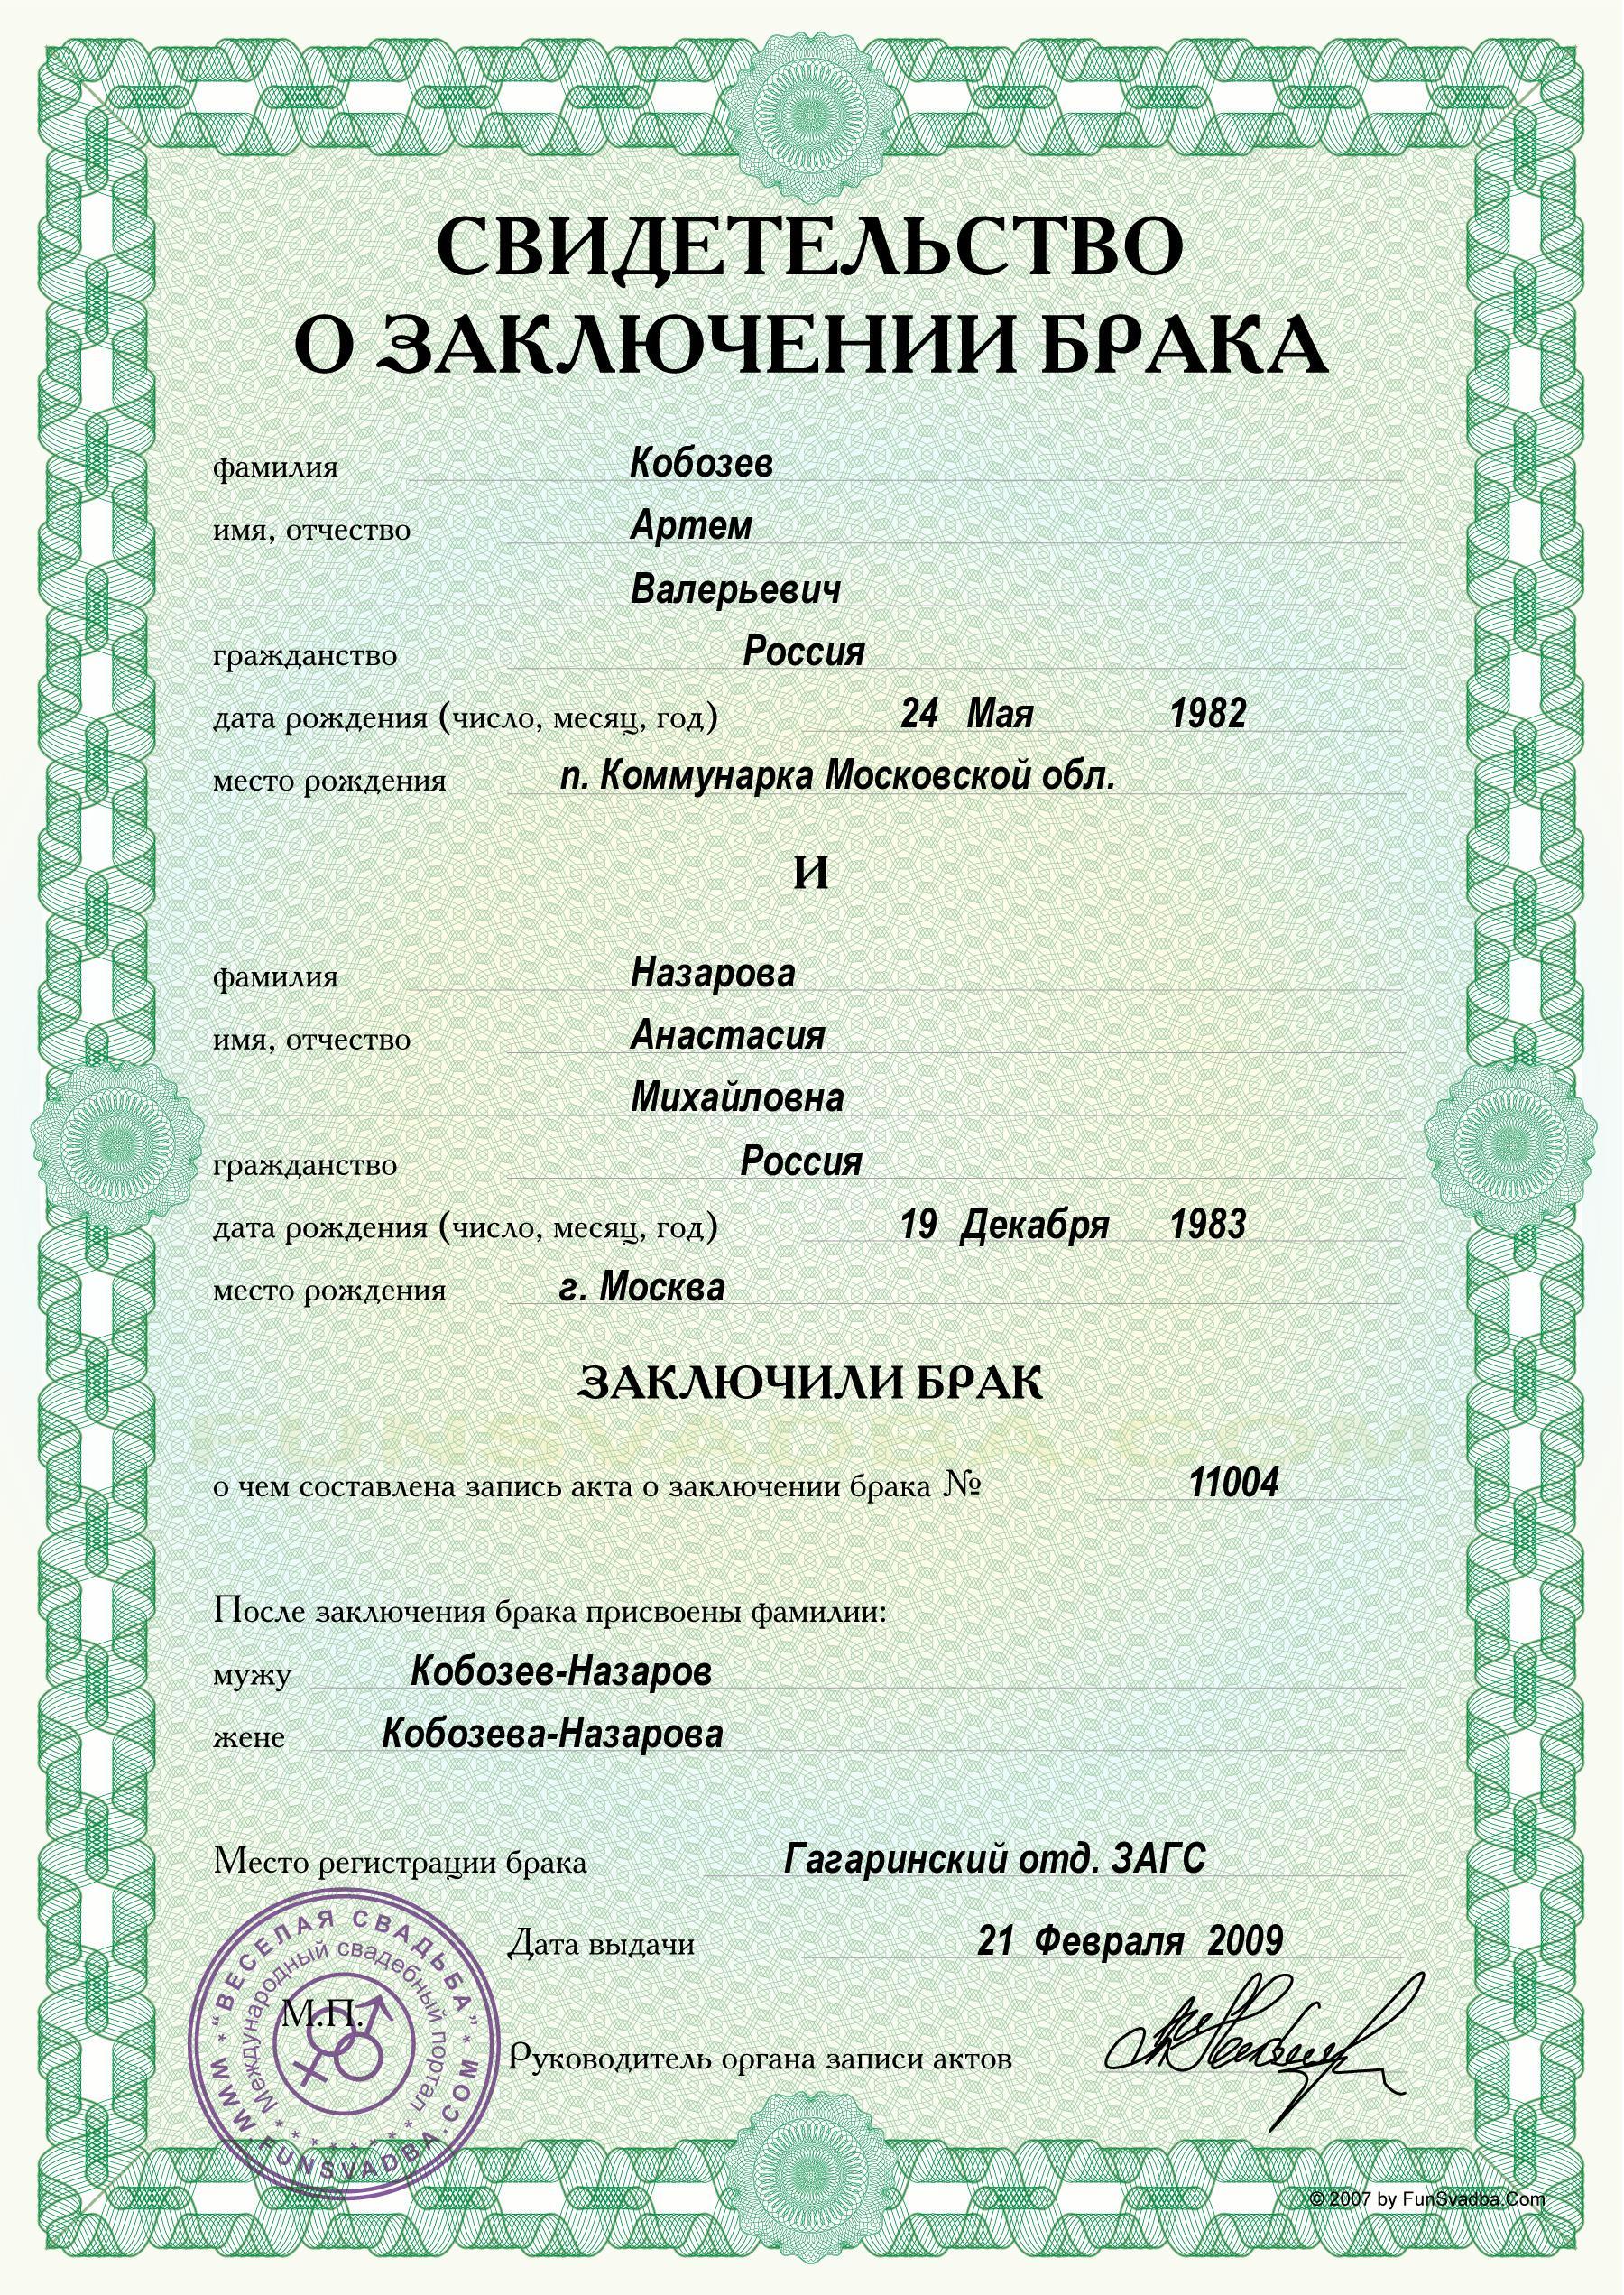 удостоверение подтверждающее брак